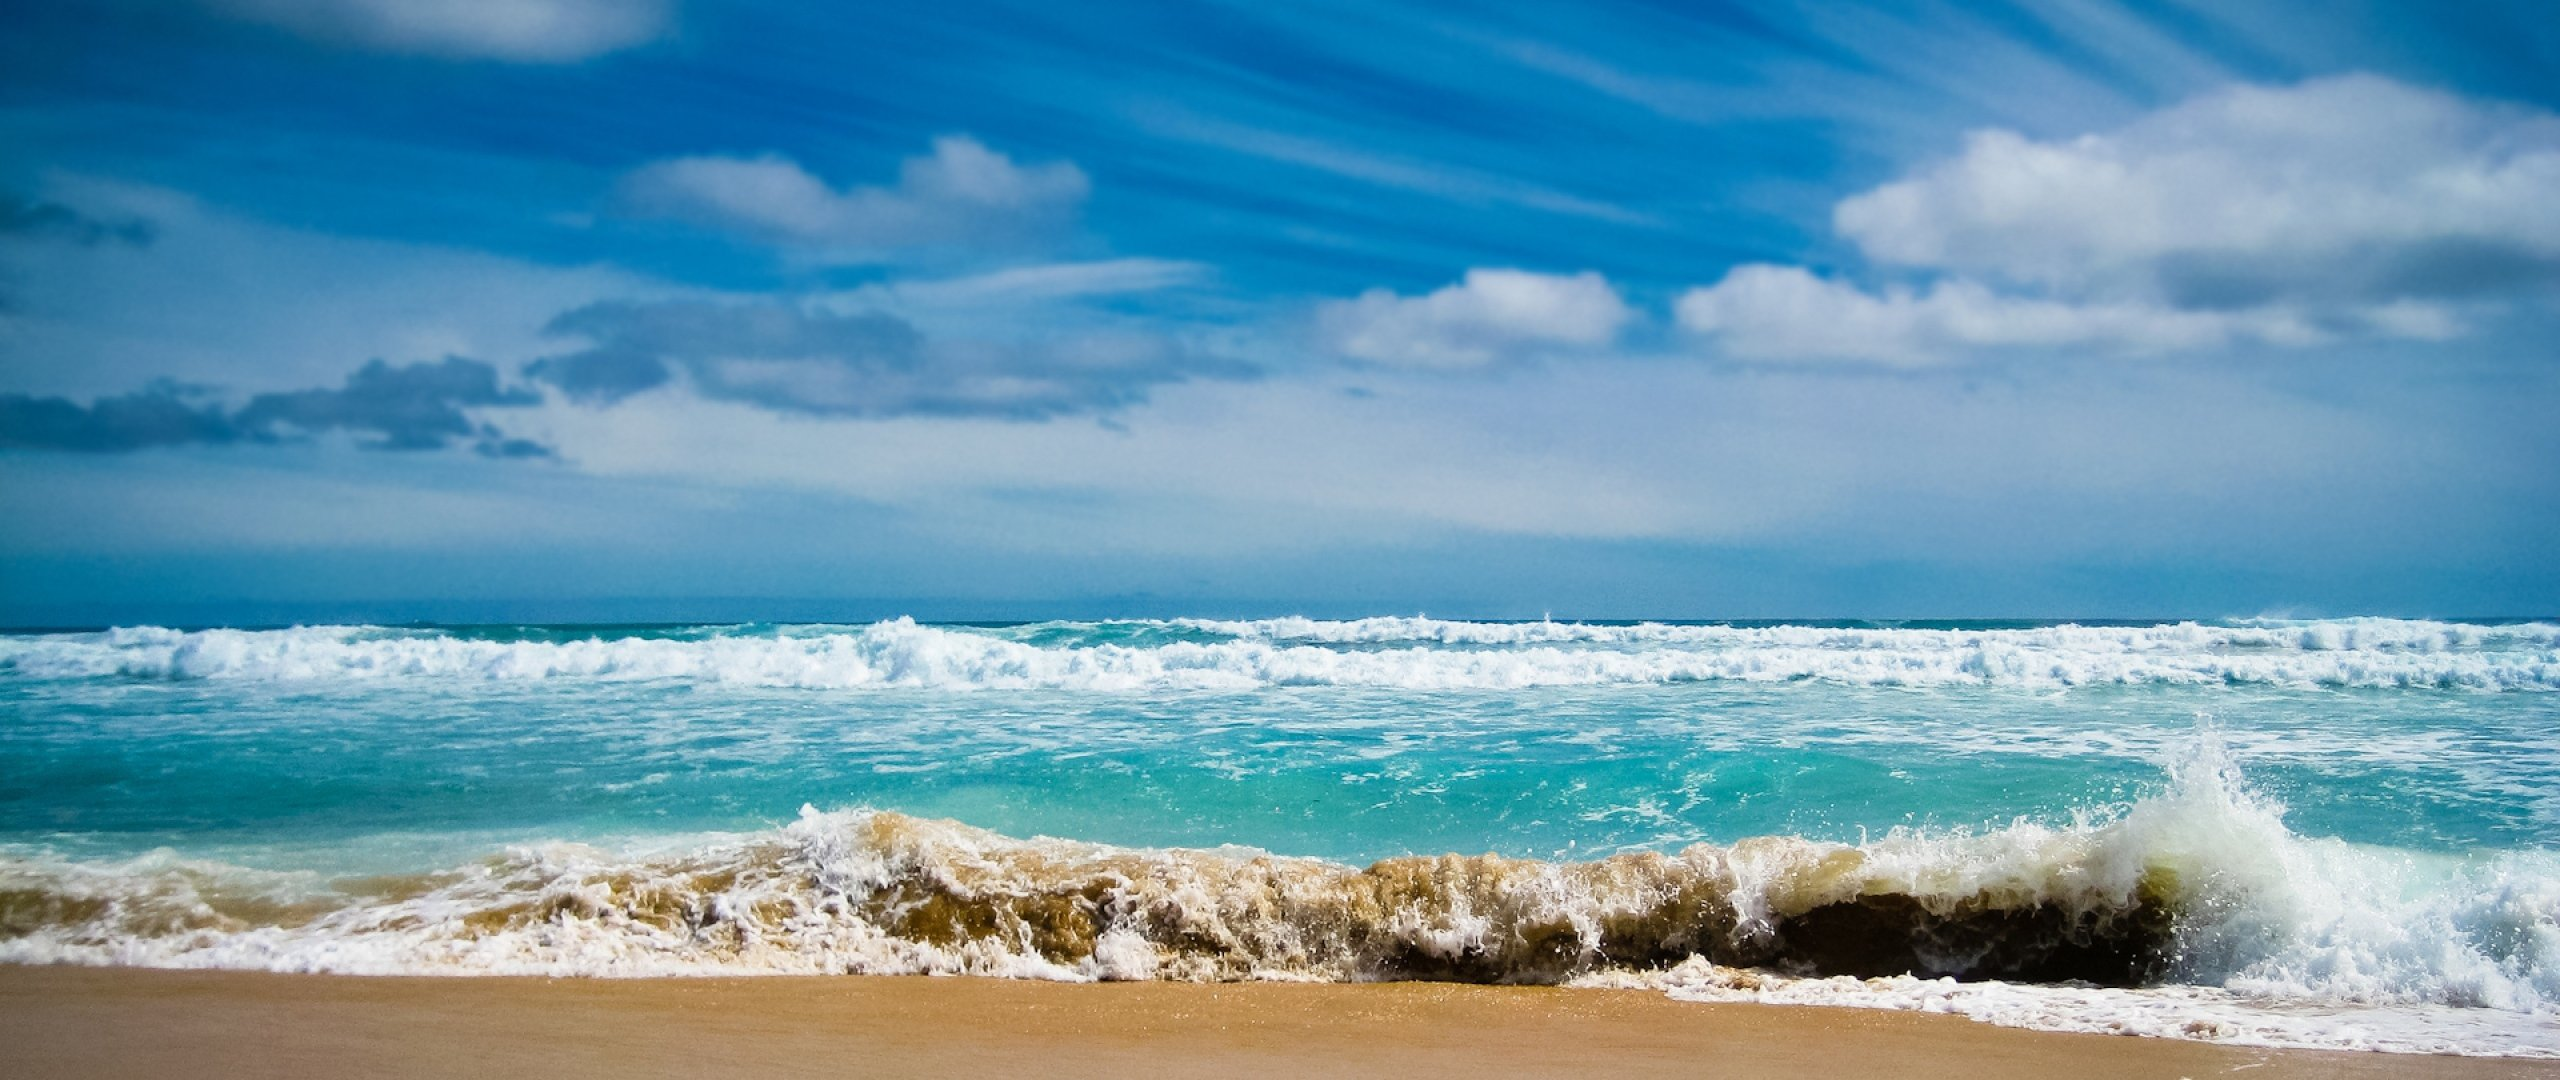 2560x1080 Wallpaper ocean sea gulf waves blue water coast beach 2560x1080